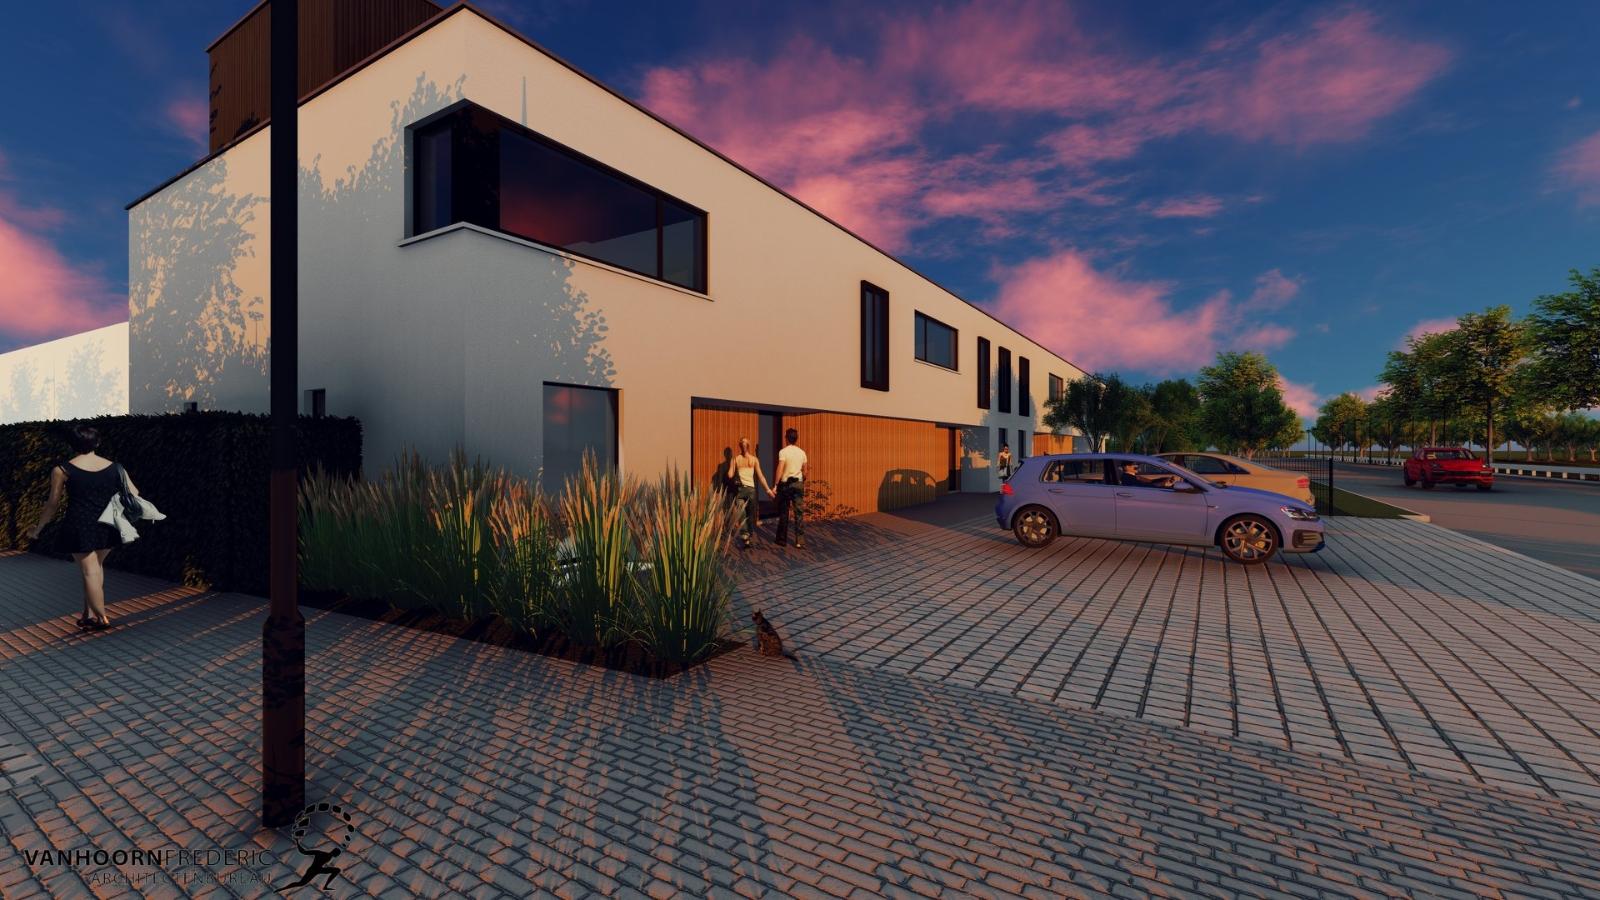 Prachtige nieuwbouwwoningen op centrale ligging - Laatste kans!